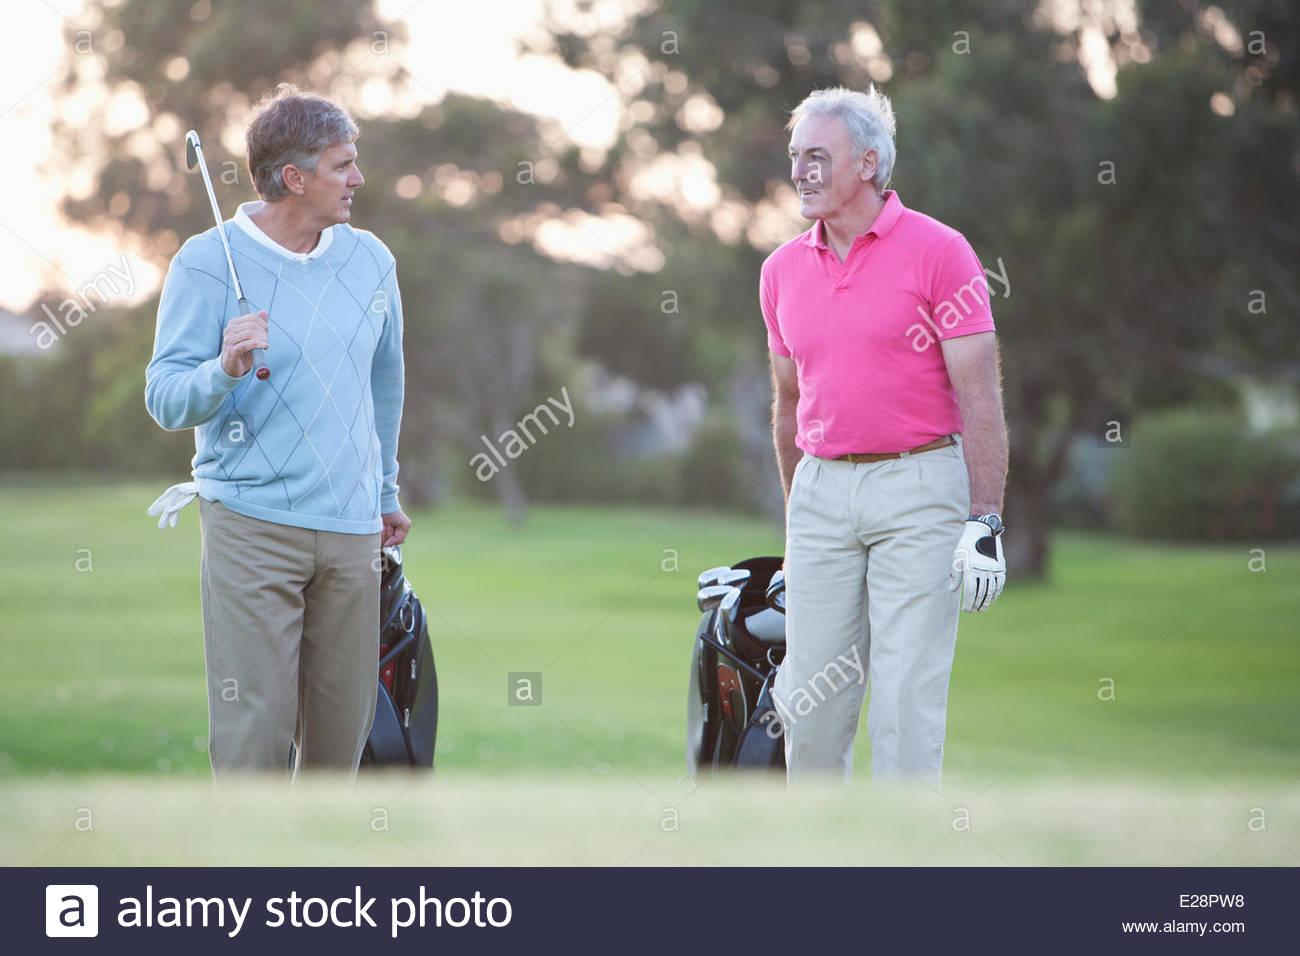 Gli uomini tirando carrelli da golf Immagini Stock